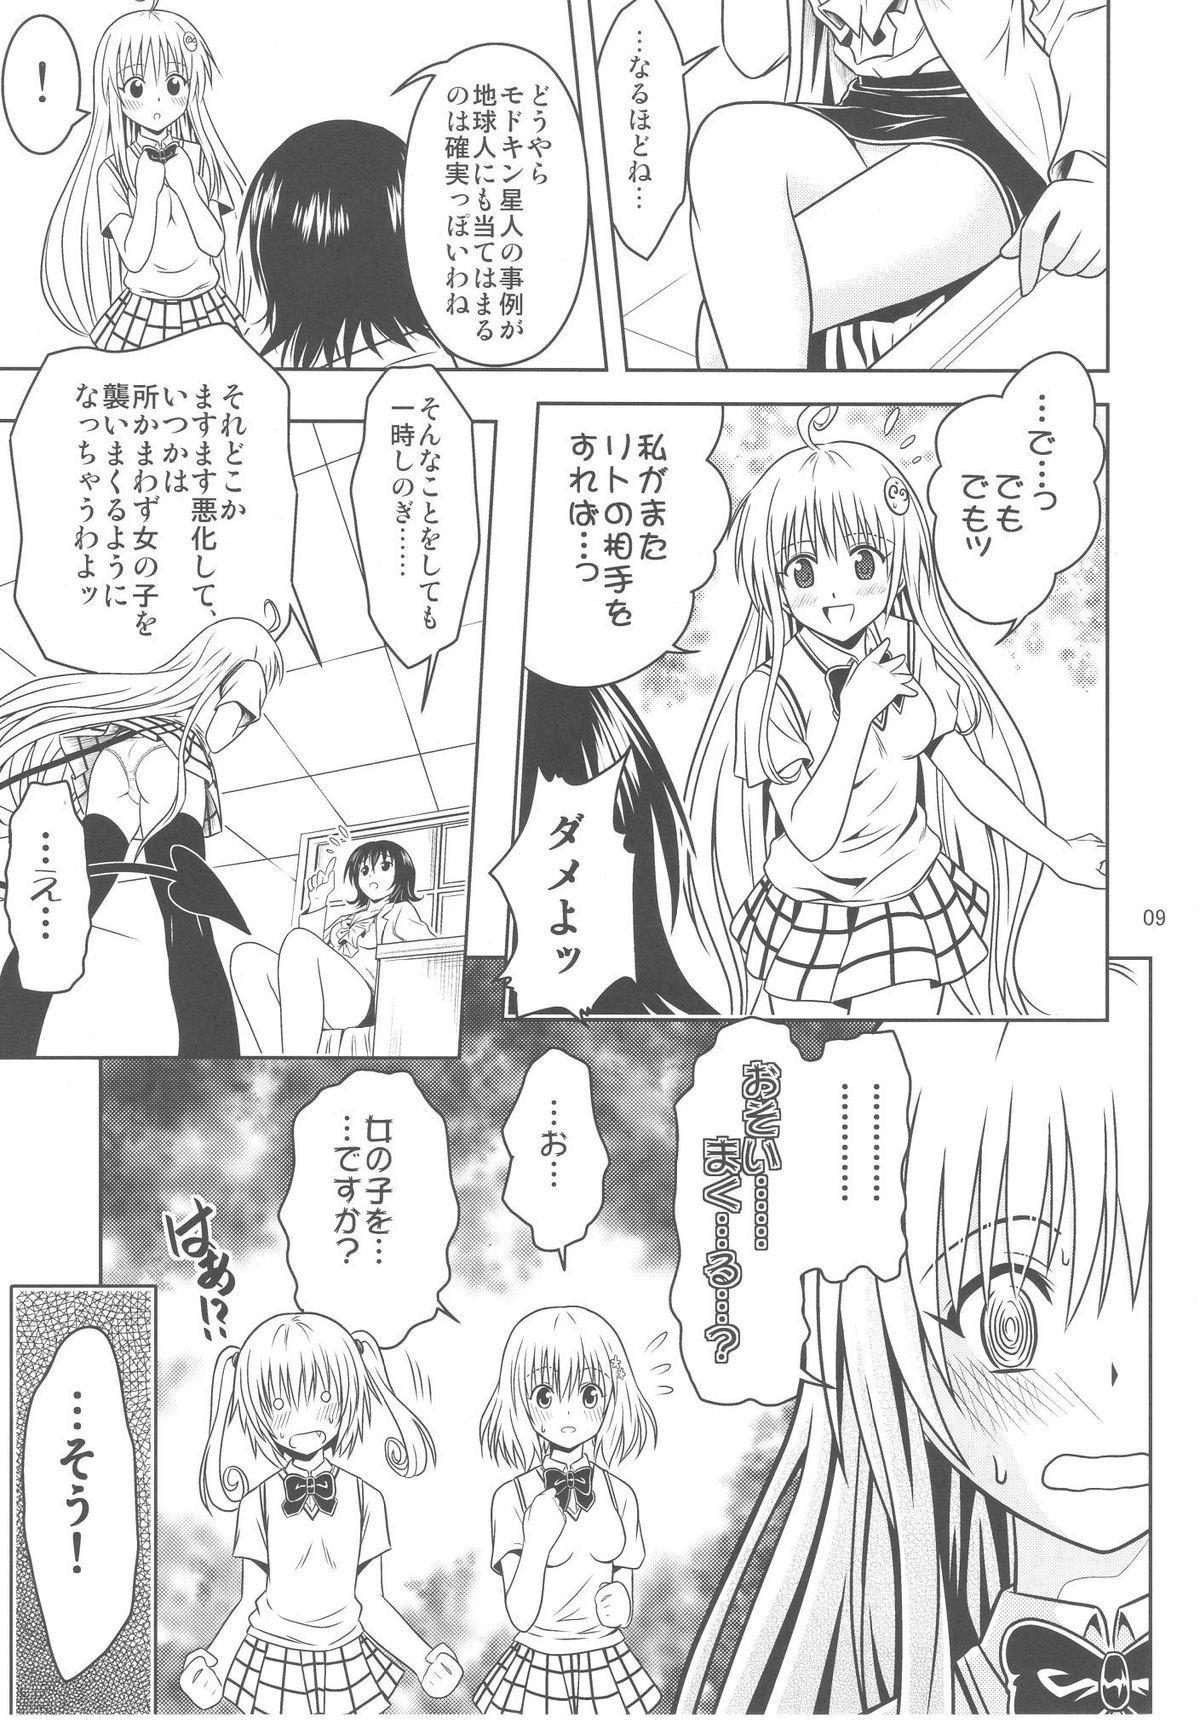 Anoko-tachi ga Taihen na Koto ni Nattemasu 3 8